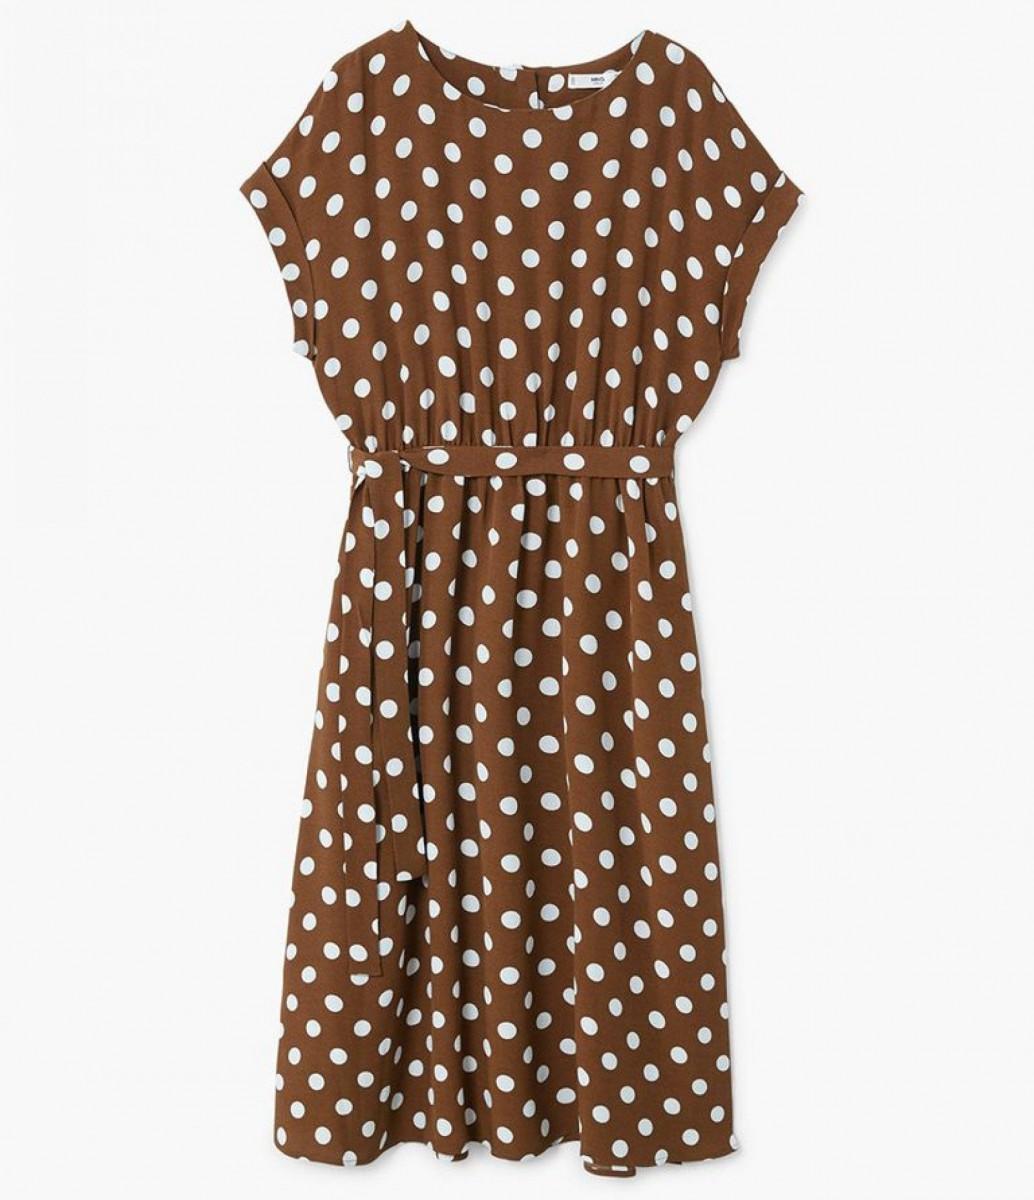 Vestido midi lunares de color marrón de Mango, por 39,99 euros